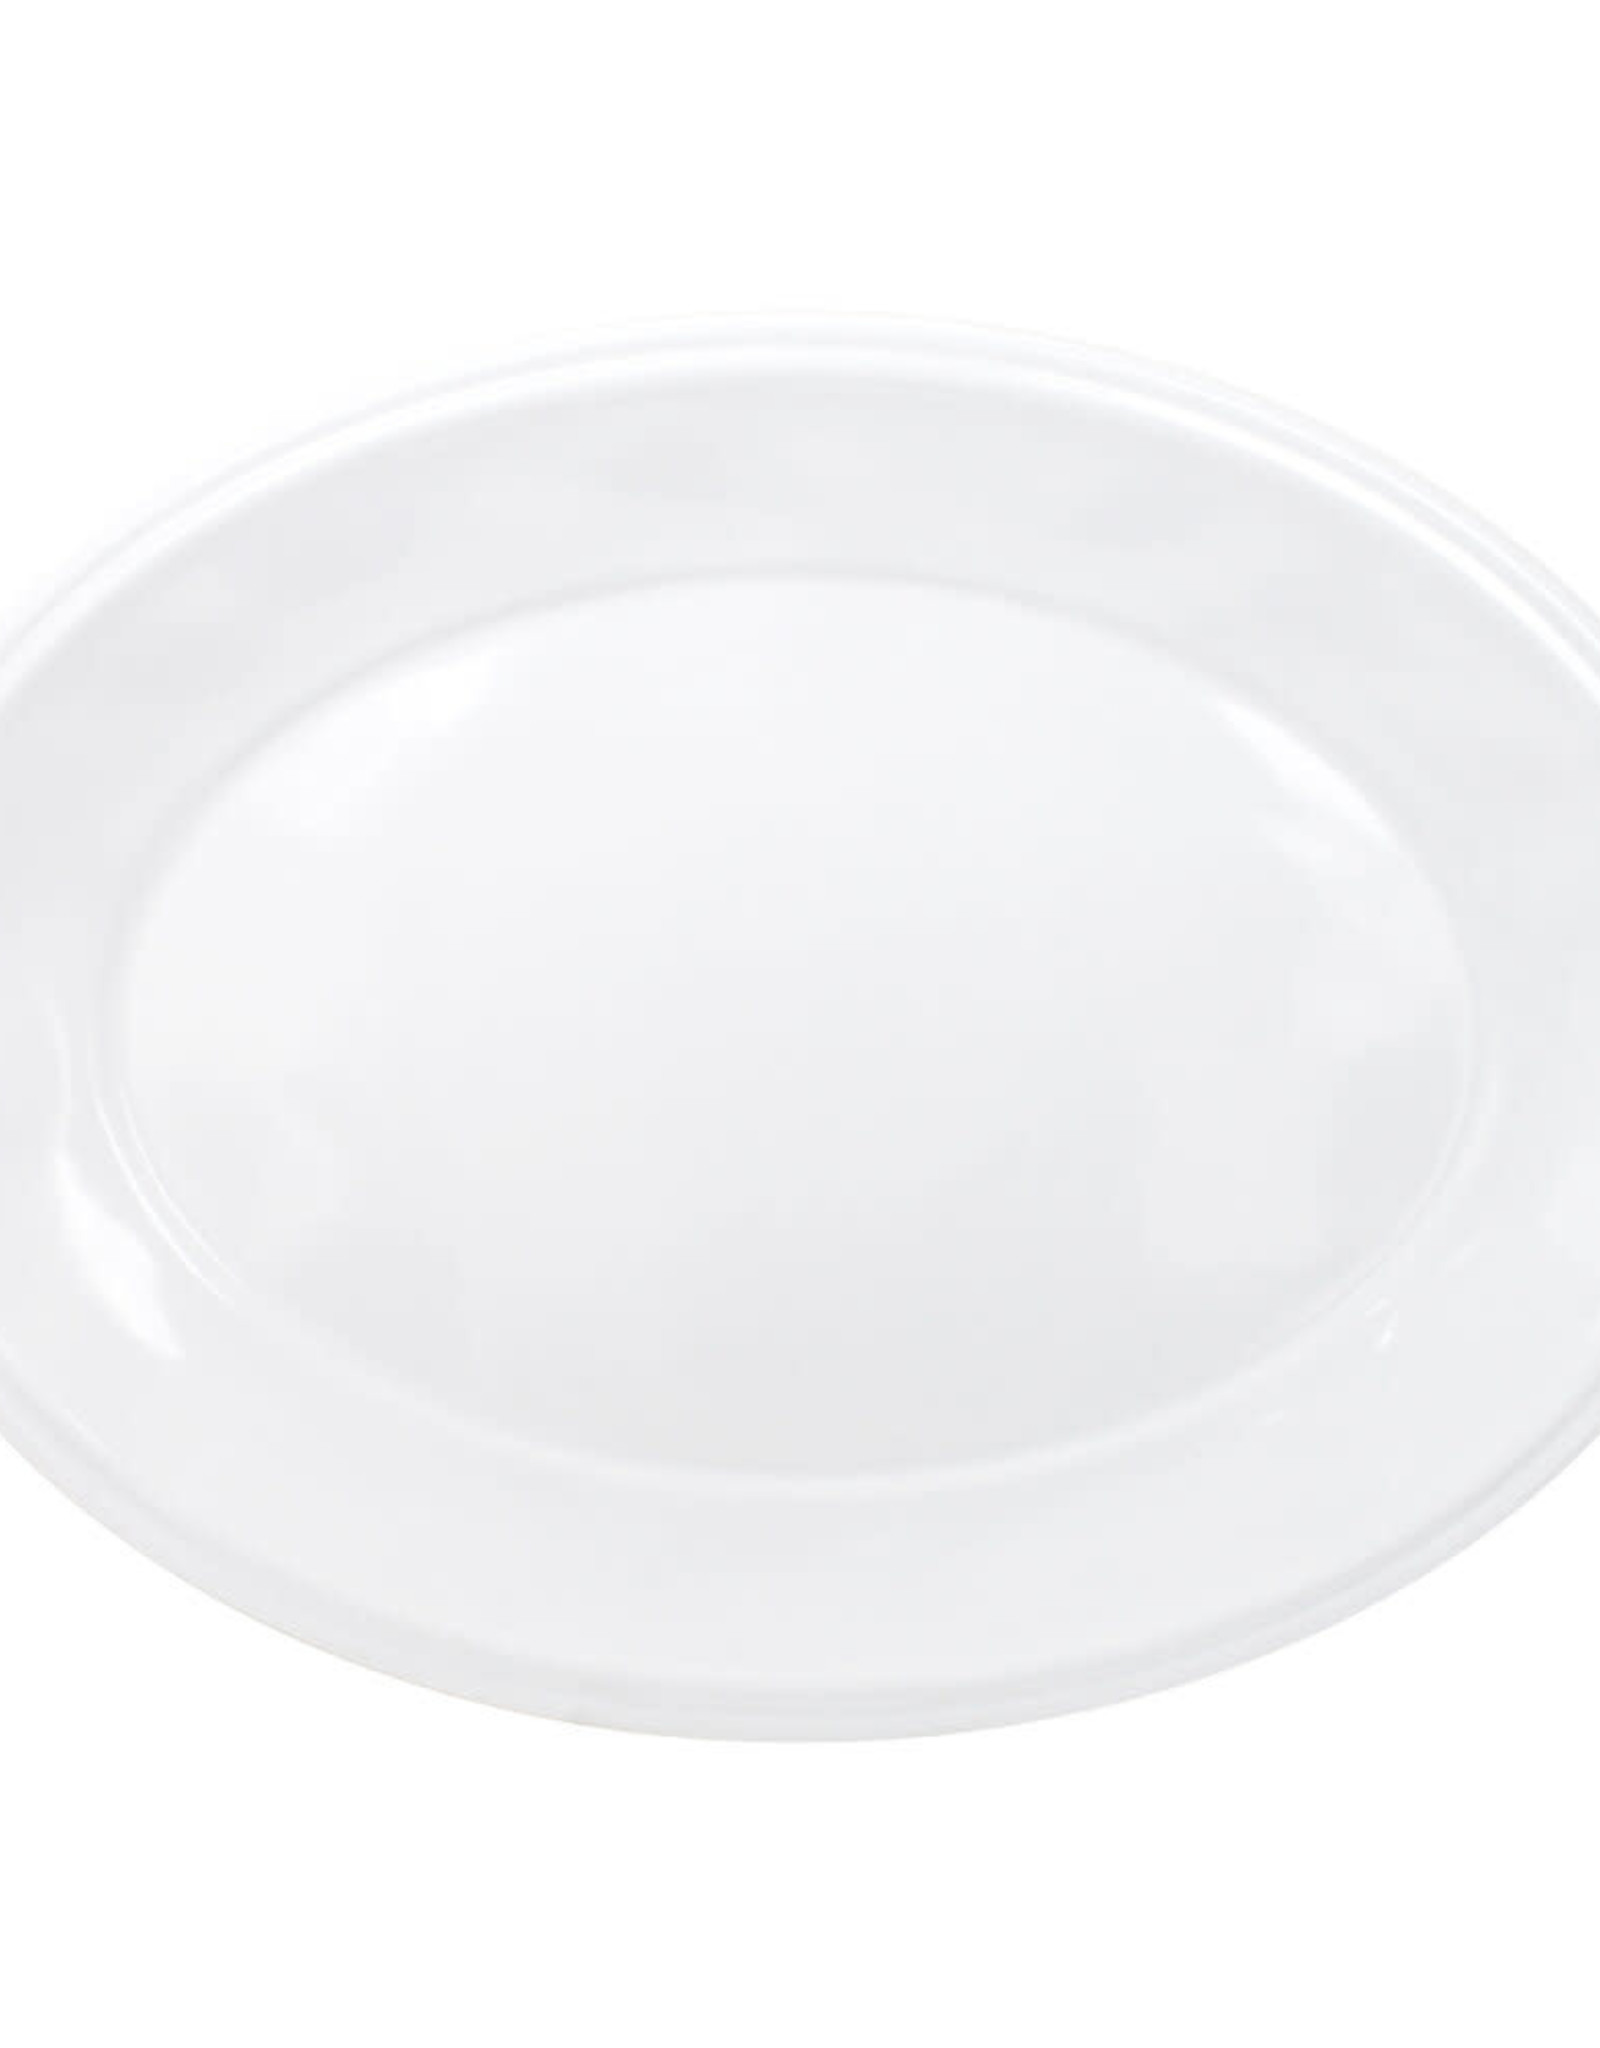 Le Cadeaux Le Cadeux 18 x7 Platter Bianco